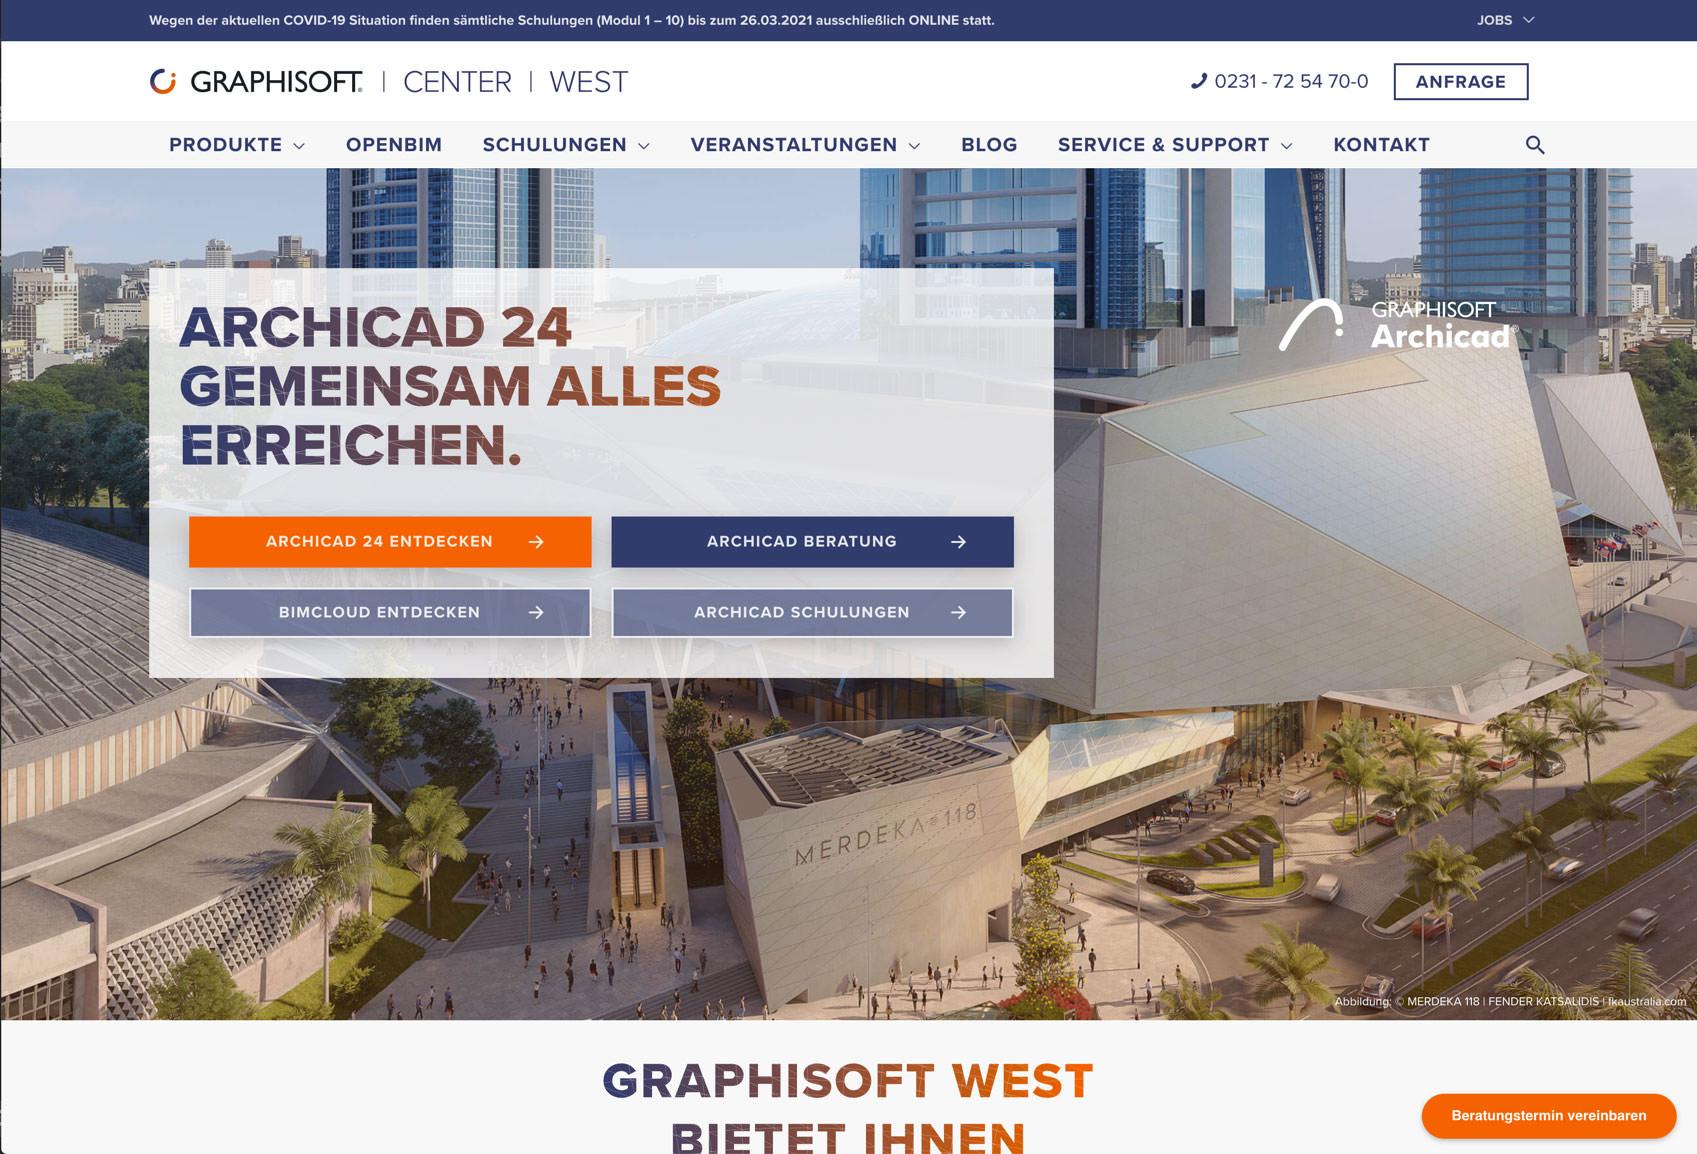 Graphisoft West Startseite derWebsite